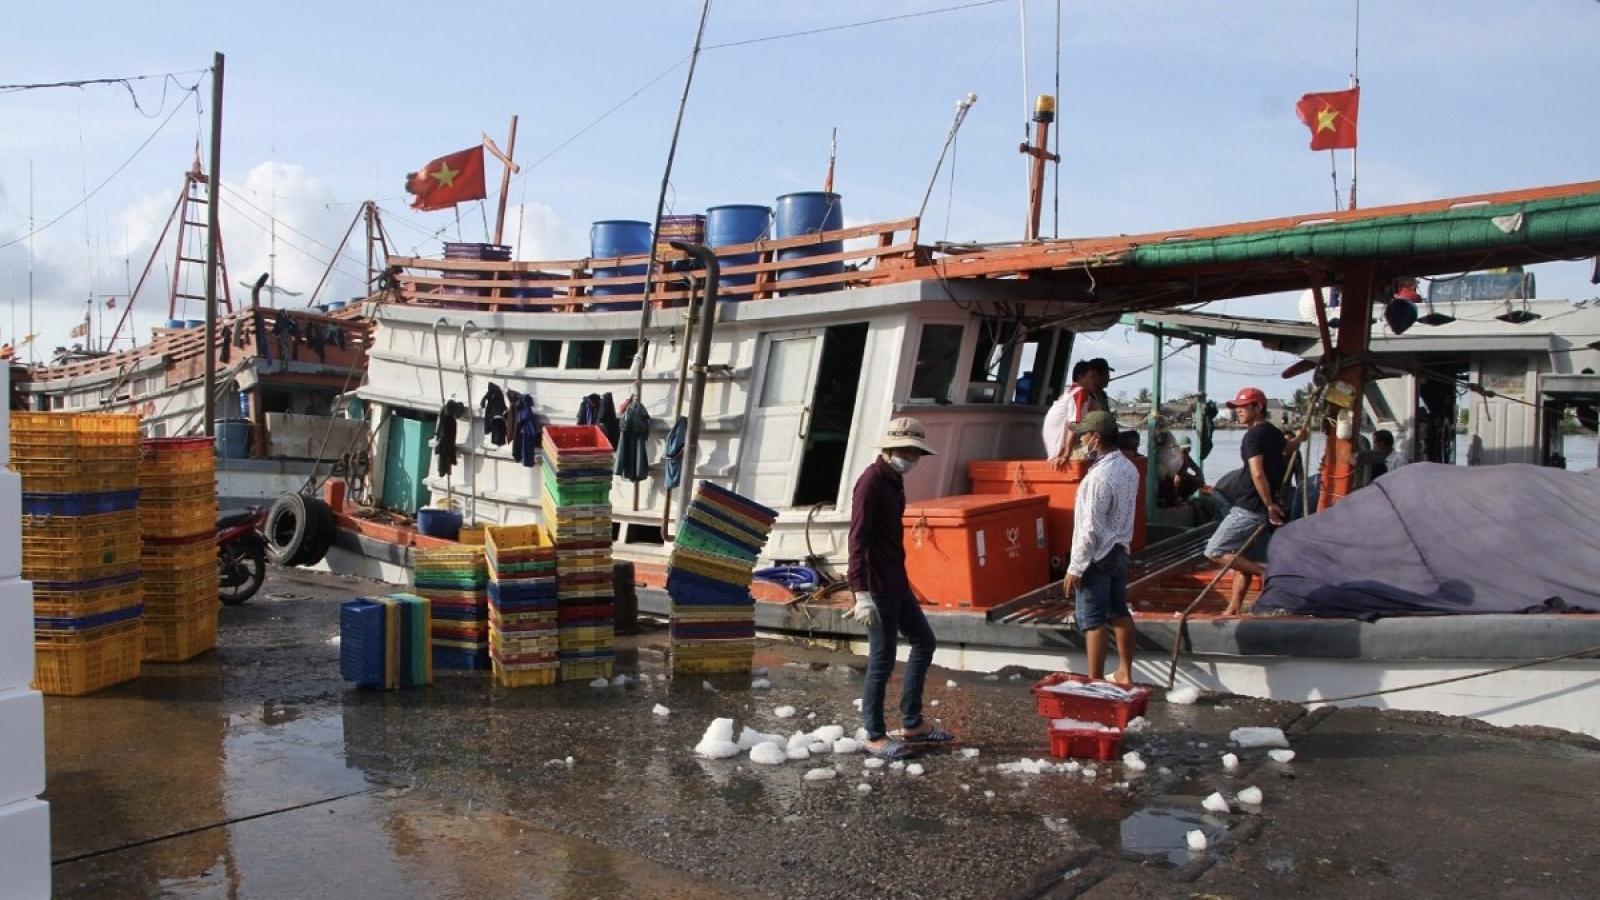 Bí thư Tỉnh ủy Bạc Liêu: Nâng cấp, mở rộng cảng cá Gành Hào phải làm nhanh